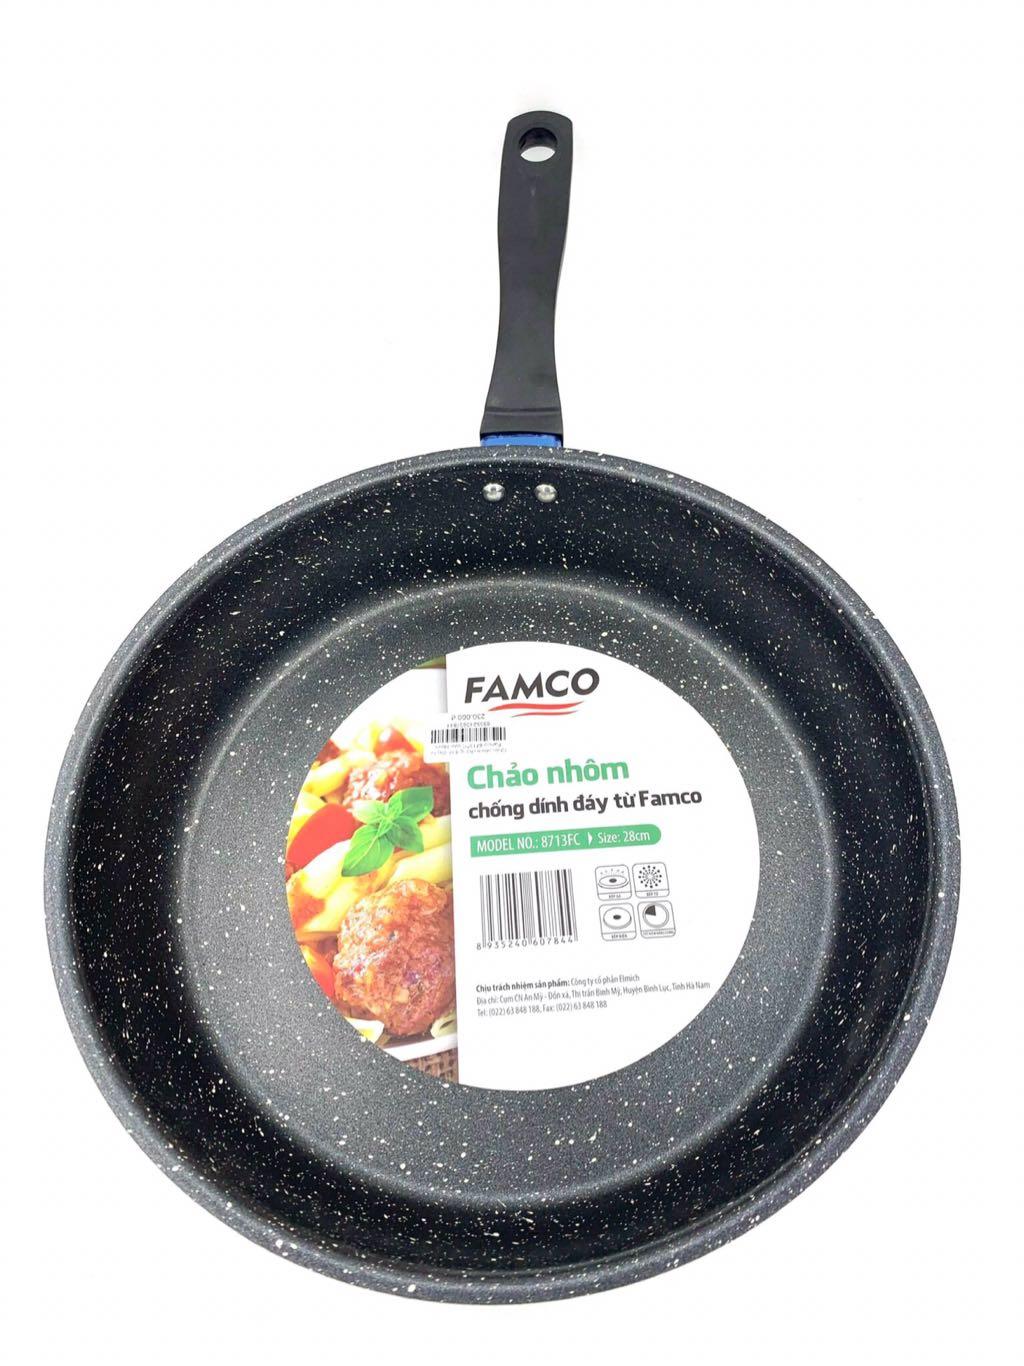 Chảo nhôm chống dính đáy từ Famco 8702FC size 20cm